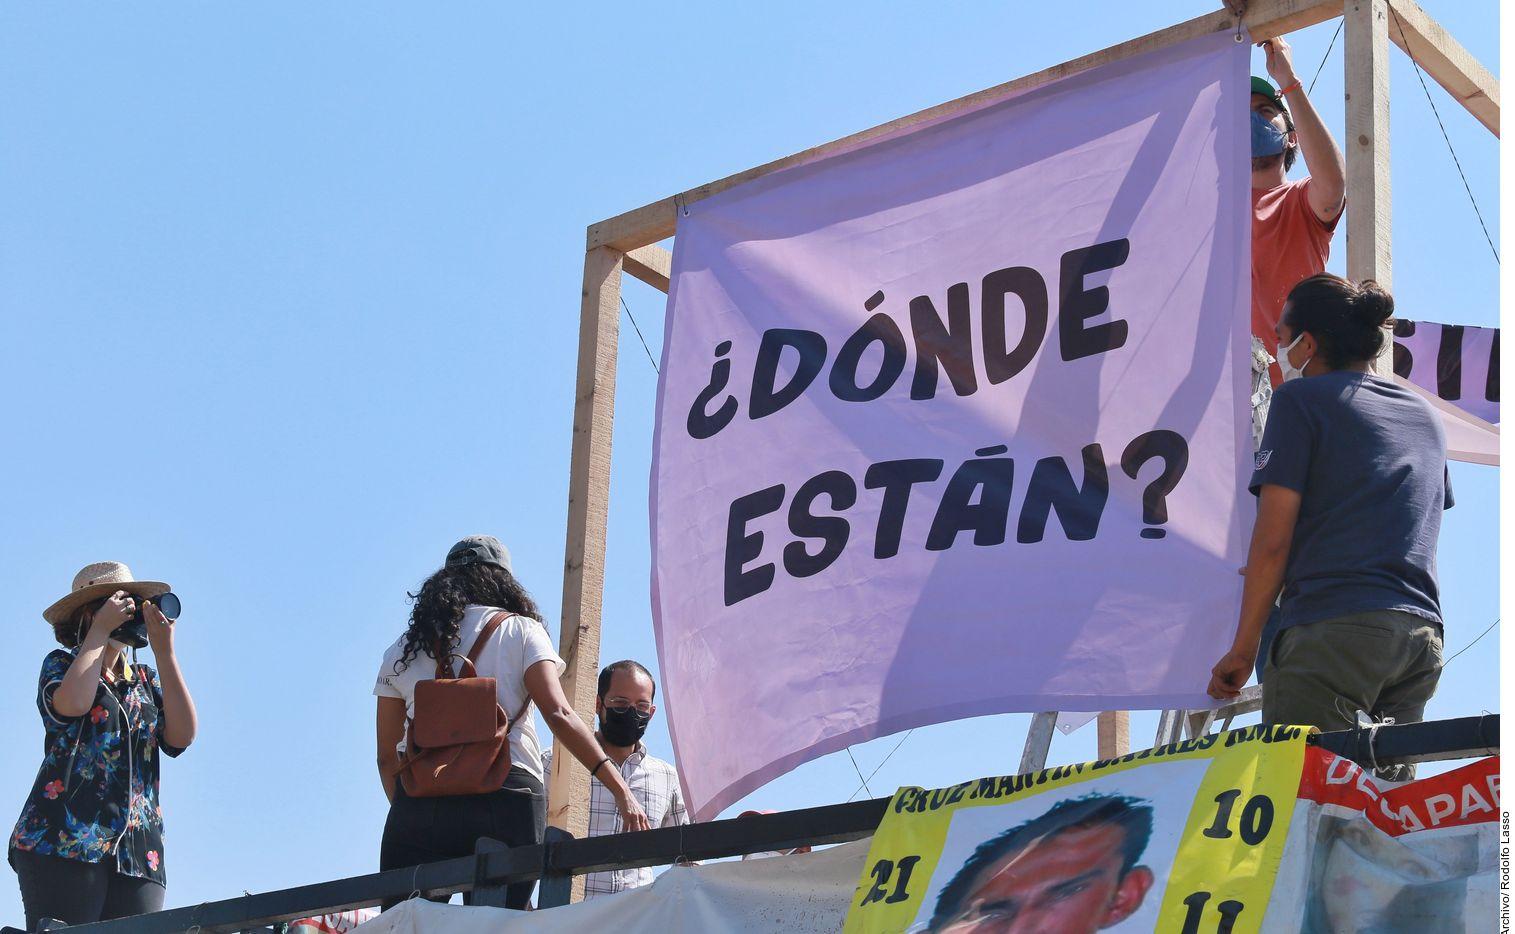 El 62 por ciento de las niñas adolescentes y mujeres desaparecidas en México se concentra en el Estado de México, Tamaulipas, Jalisco, Nuevo León, Puebla y la Ciudad de México, de acuerdo con las autoridades locales.